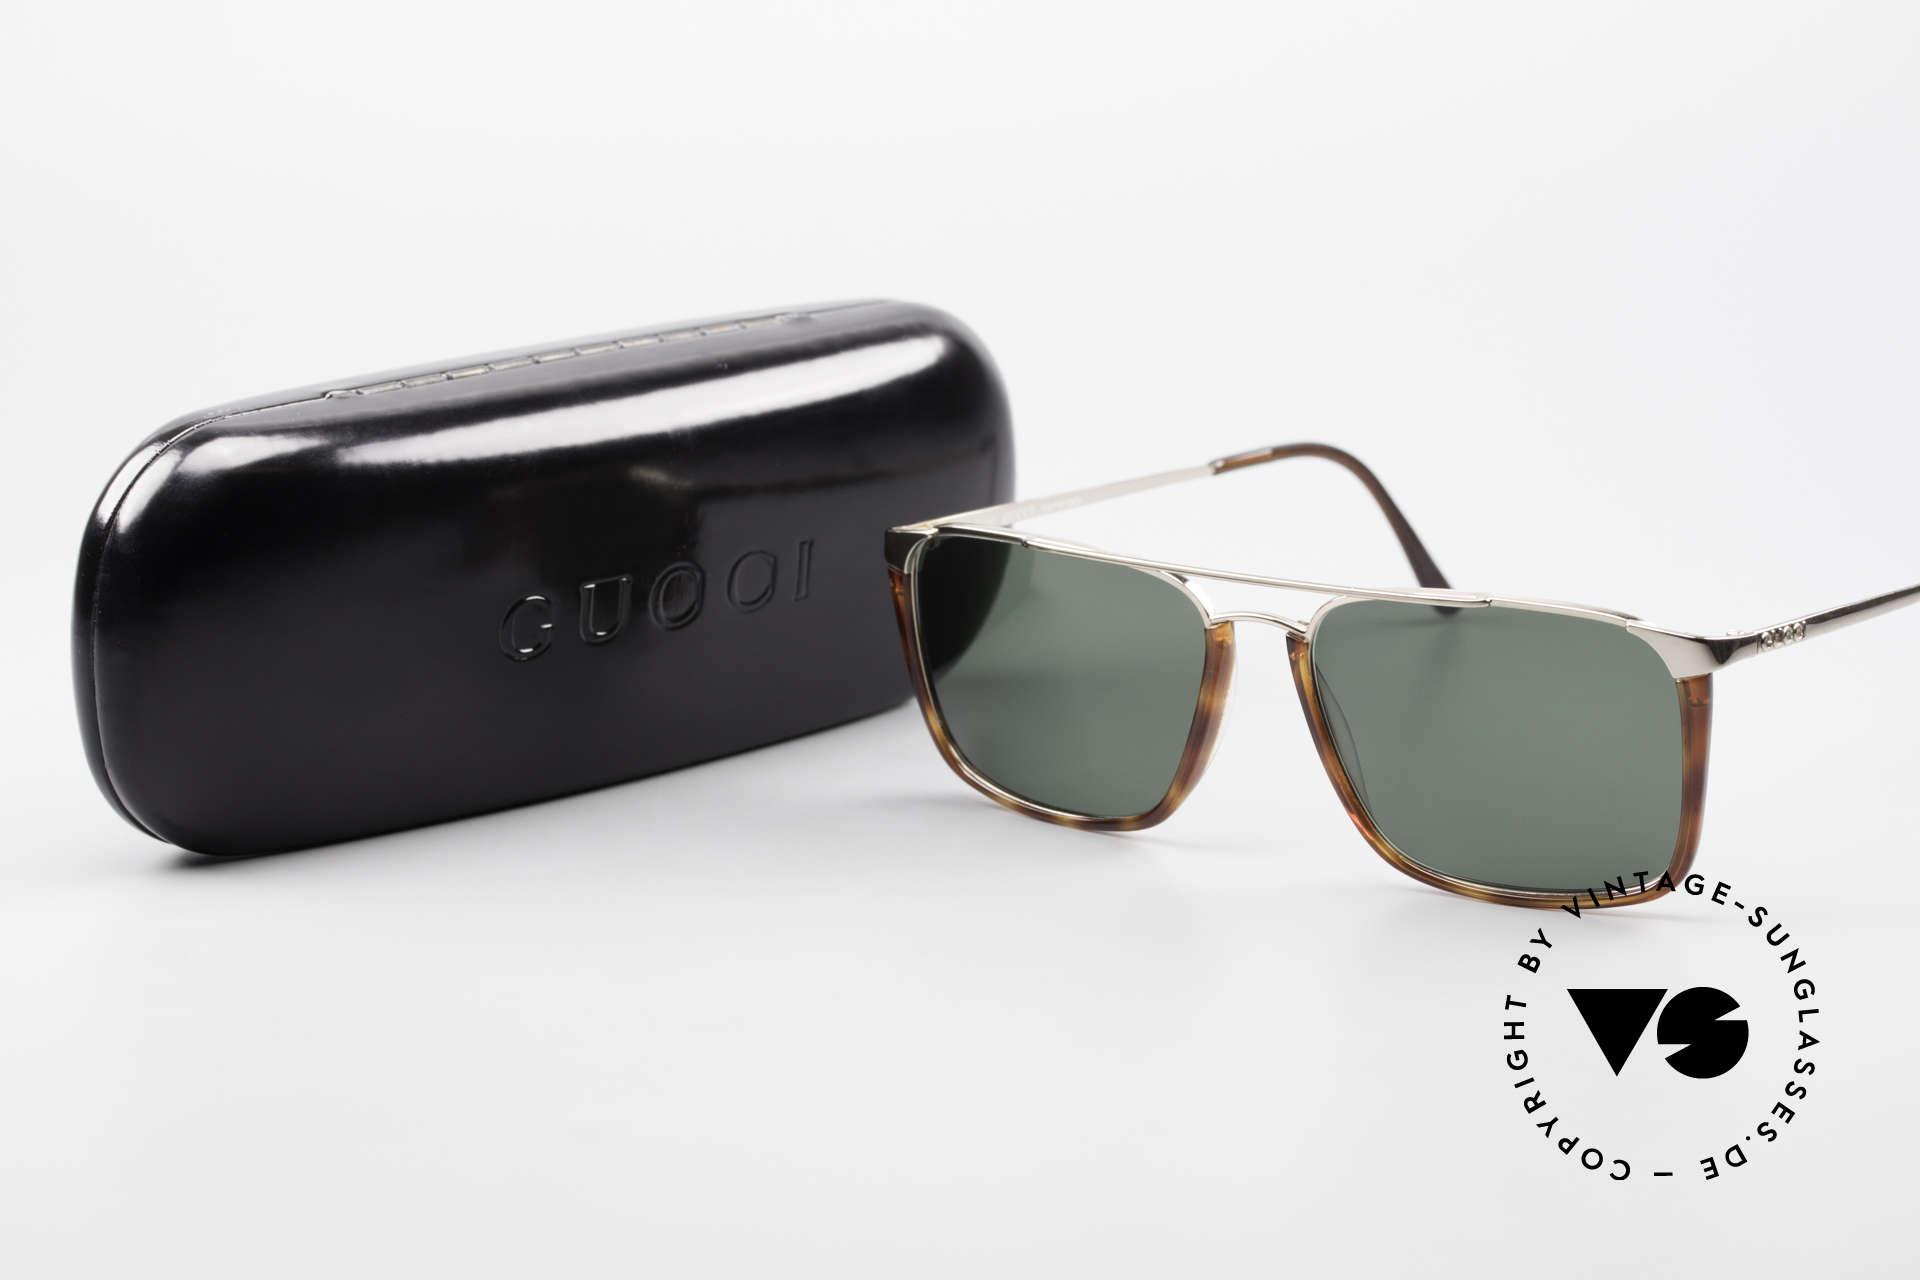 Gucci 1307 Rare 90's Designer Sunglasses, NO retro sunglasses; an old Gucci ORIGINAL, Made for Men and Women